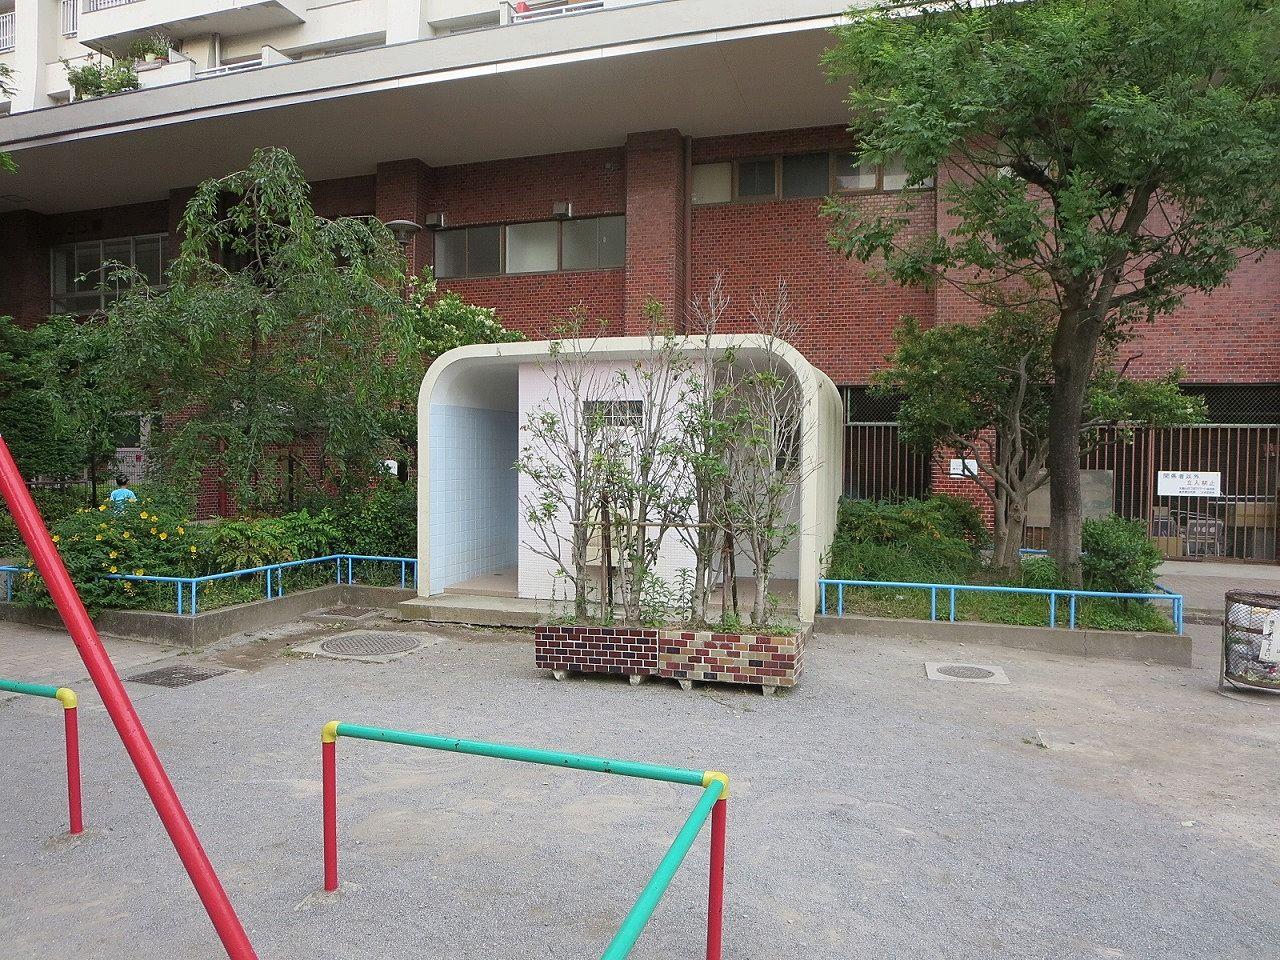 都電6000形が見れる神明都電車庫跡地公園(文京区本駒込4丁目公園)